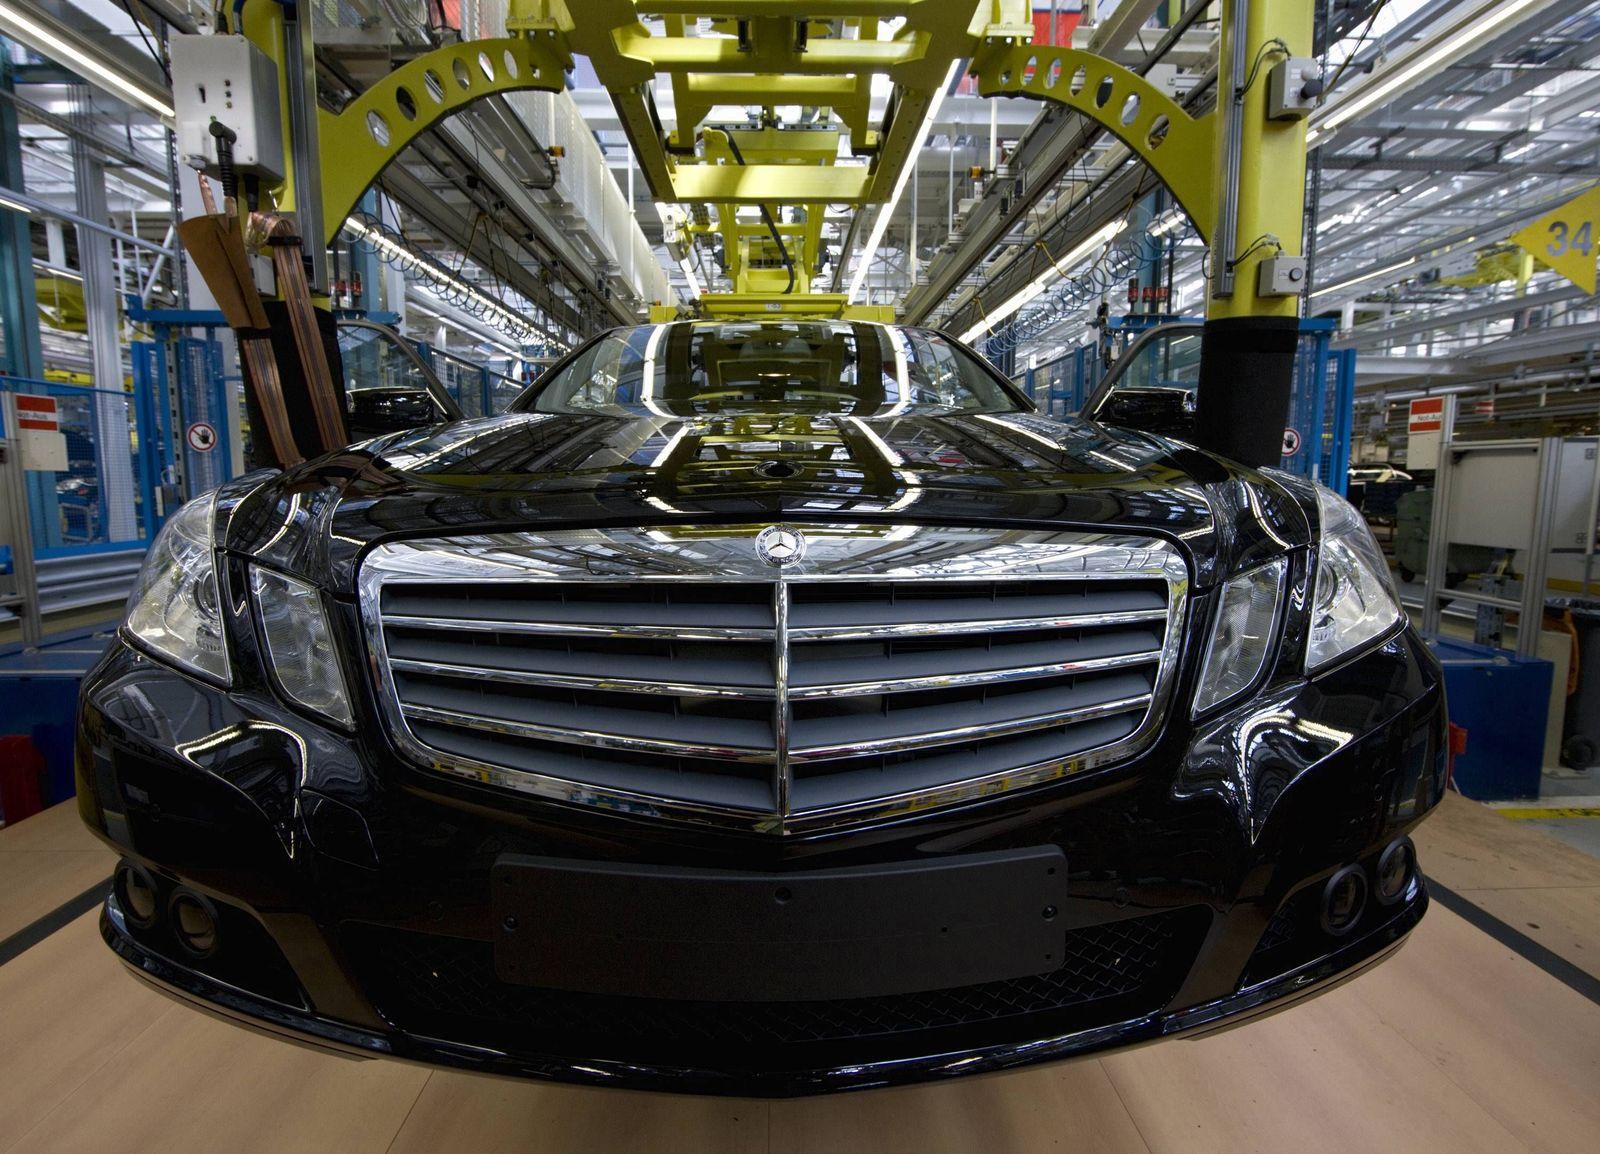 NICHT VERWENDEN Daimler